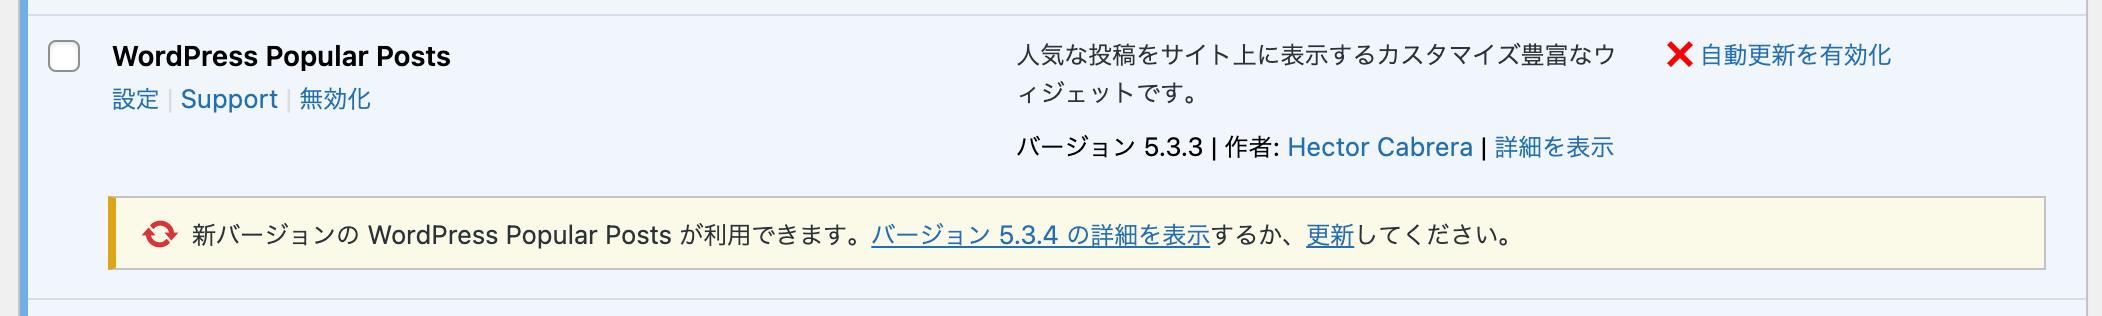 「更新リンク」が表示されている状態